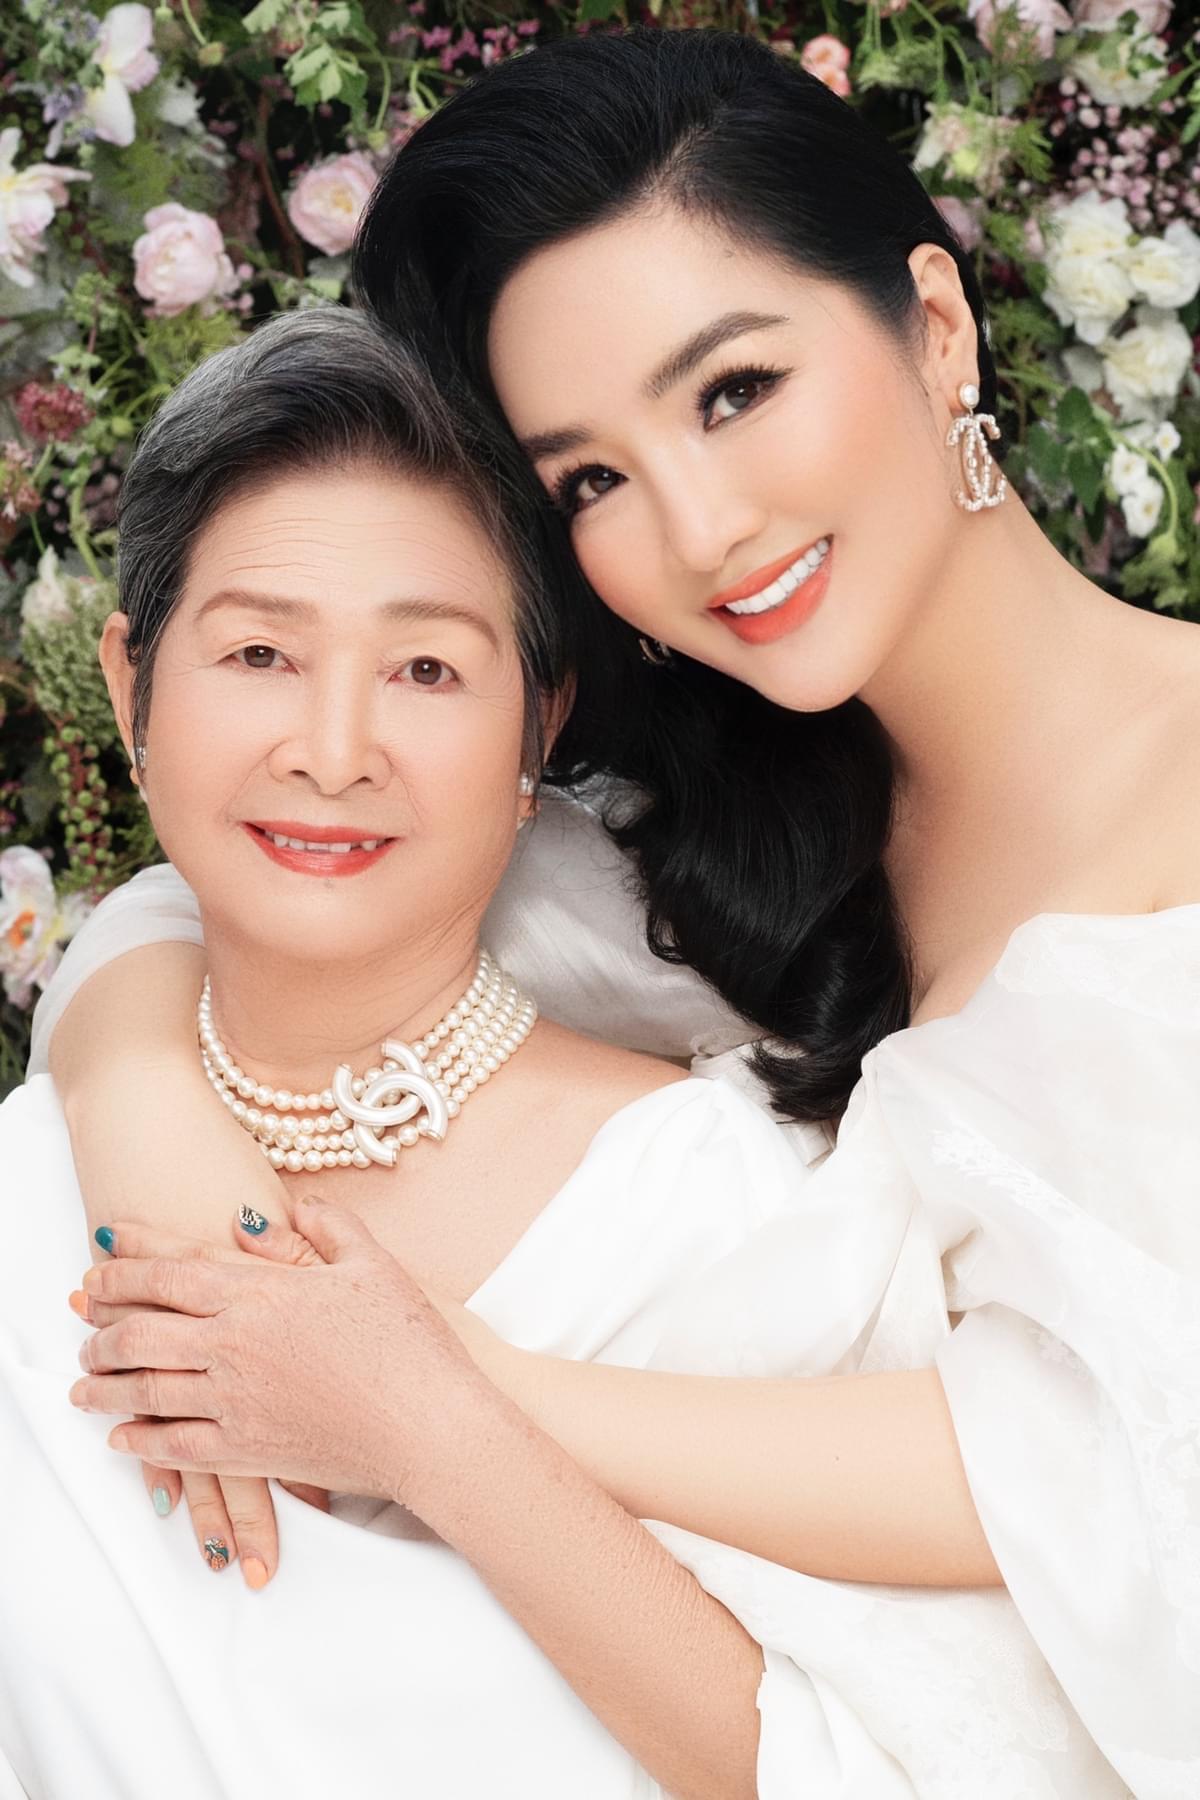 Hoa hậu đền Hùng Giáng My có bức ảnh rất hạnh phúc bên mẹ.